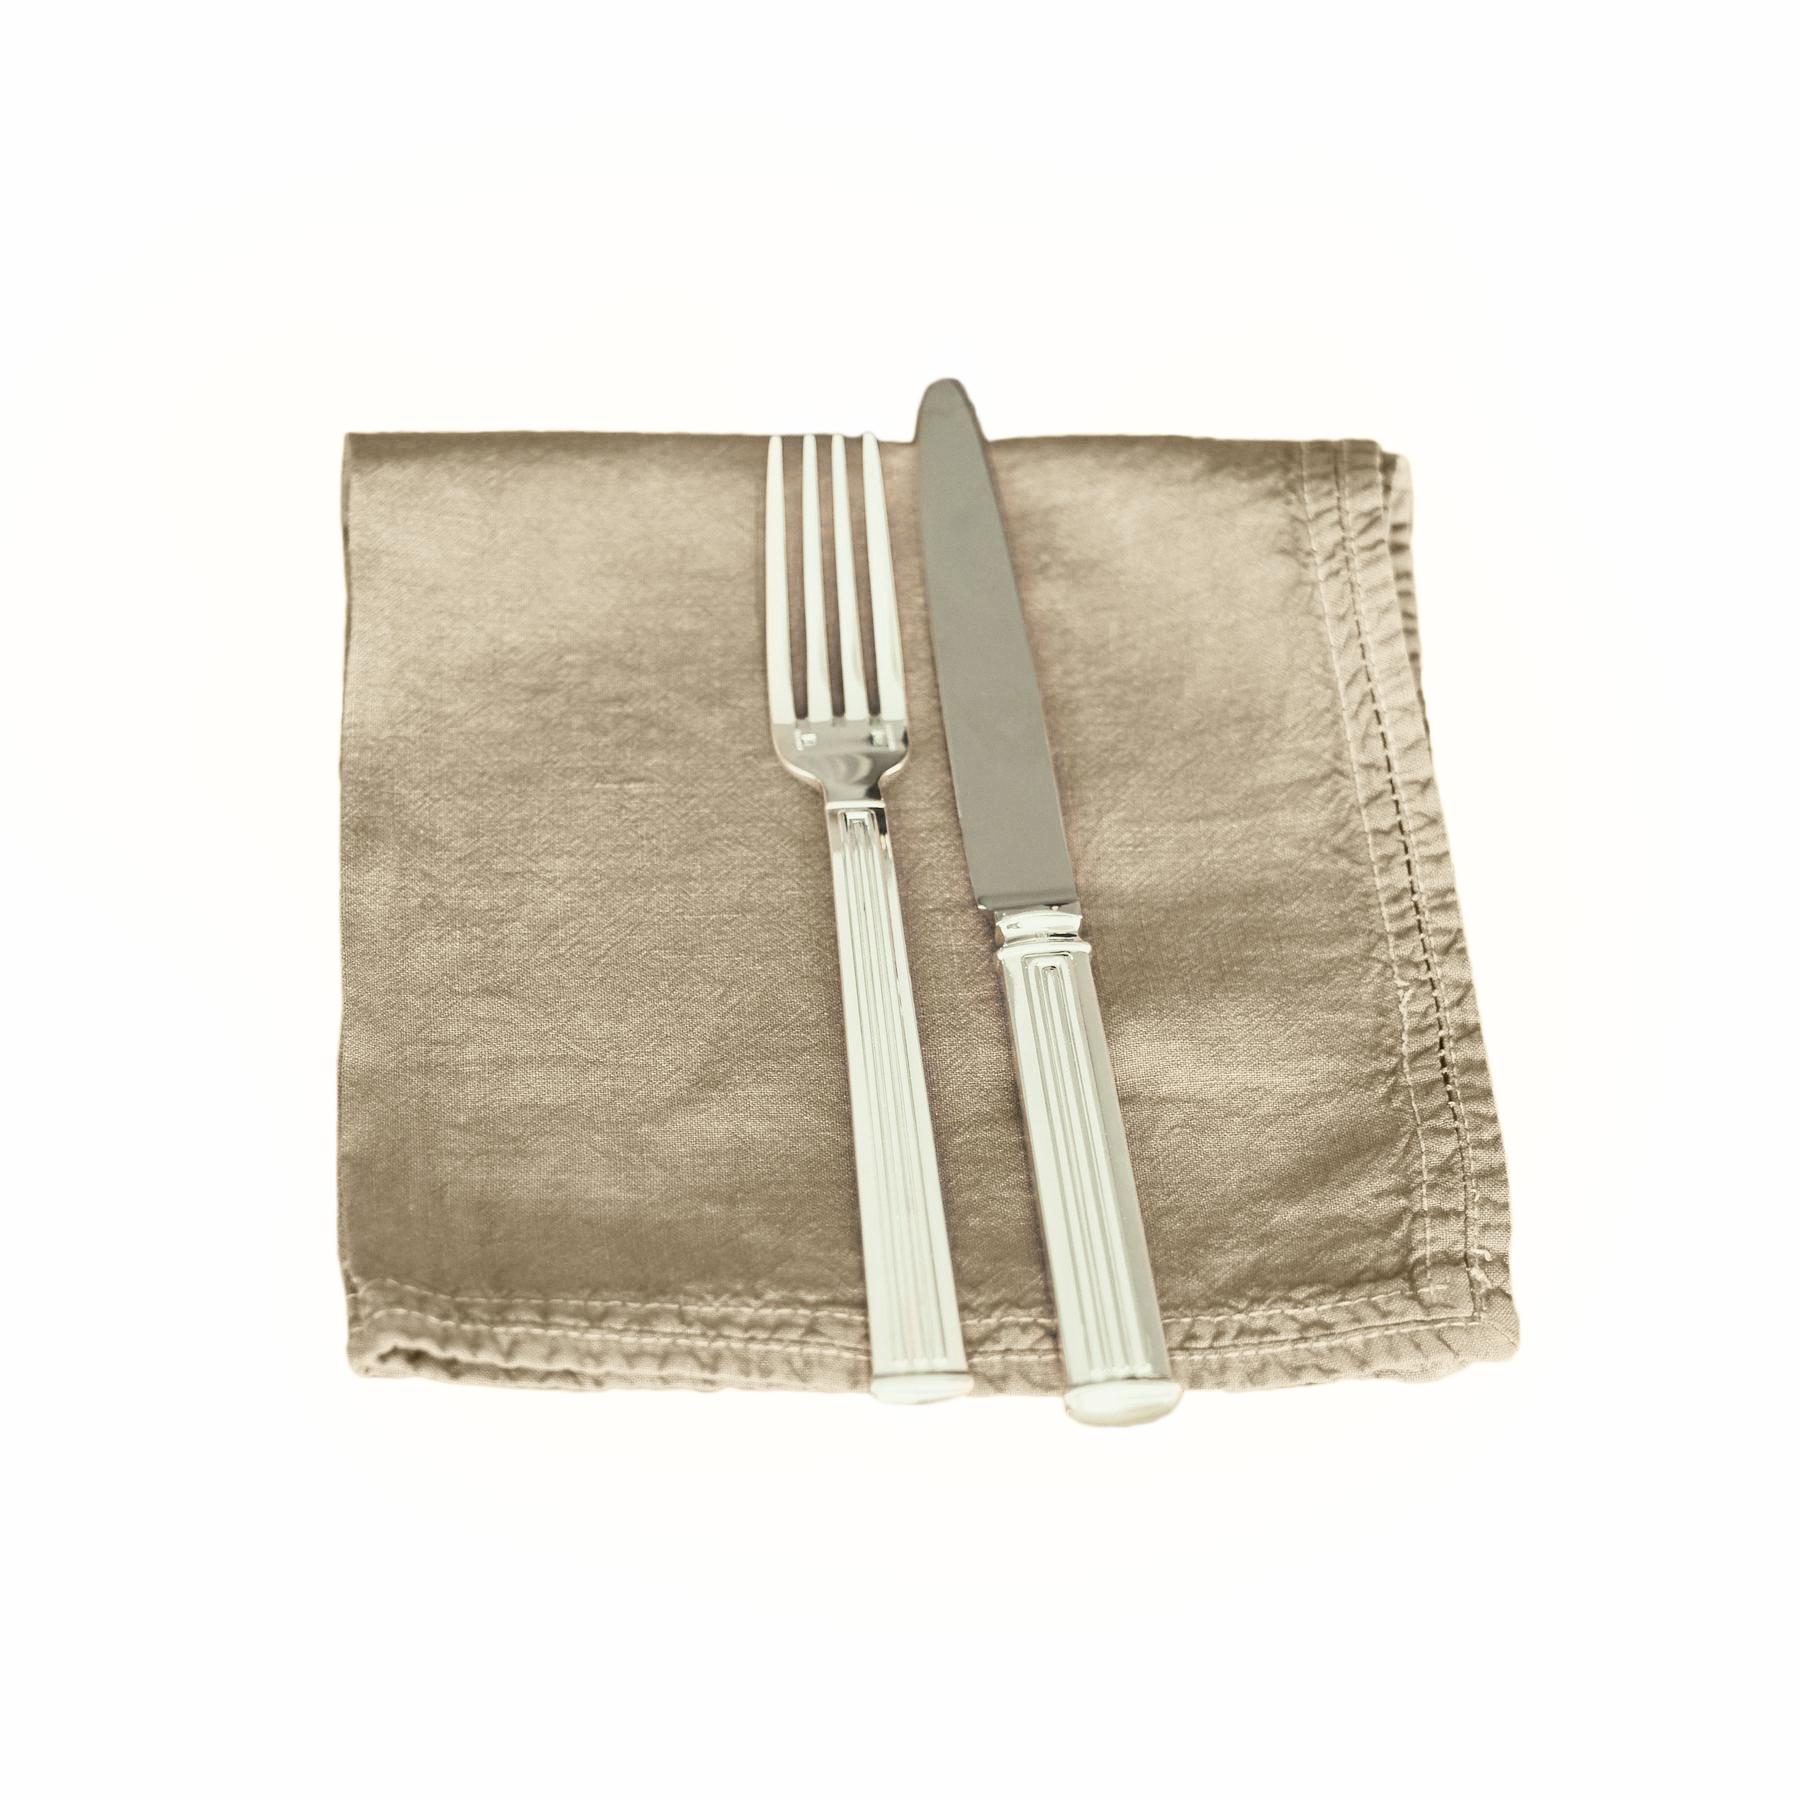 Serviette de table Lin pur lavé Sable 45x45